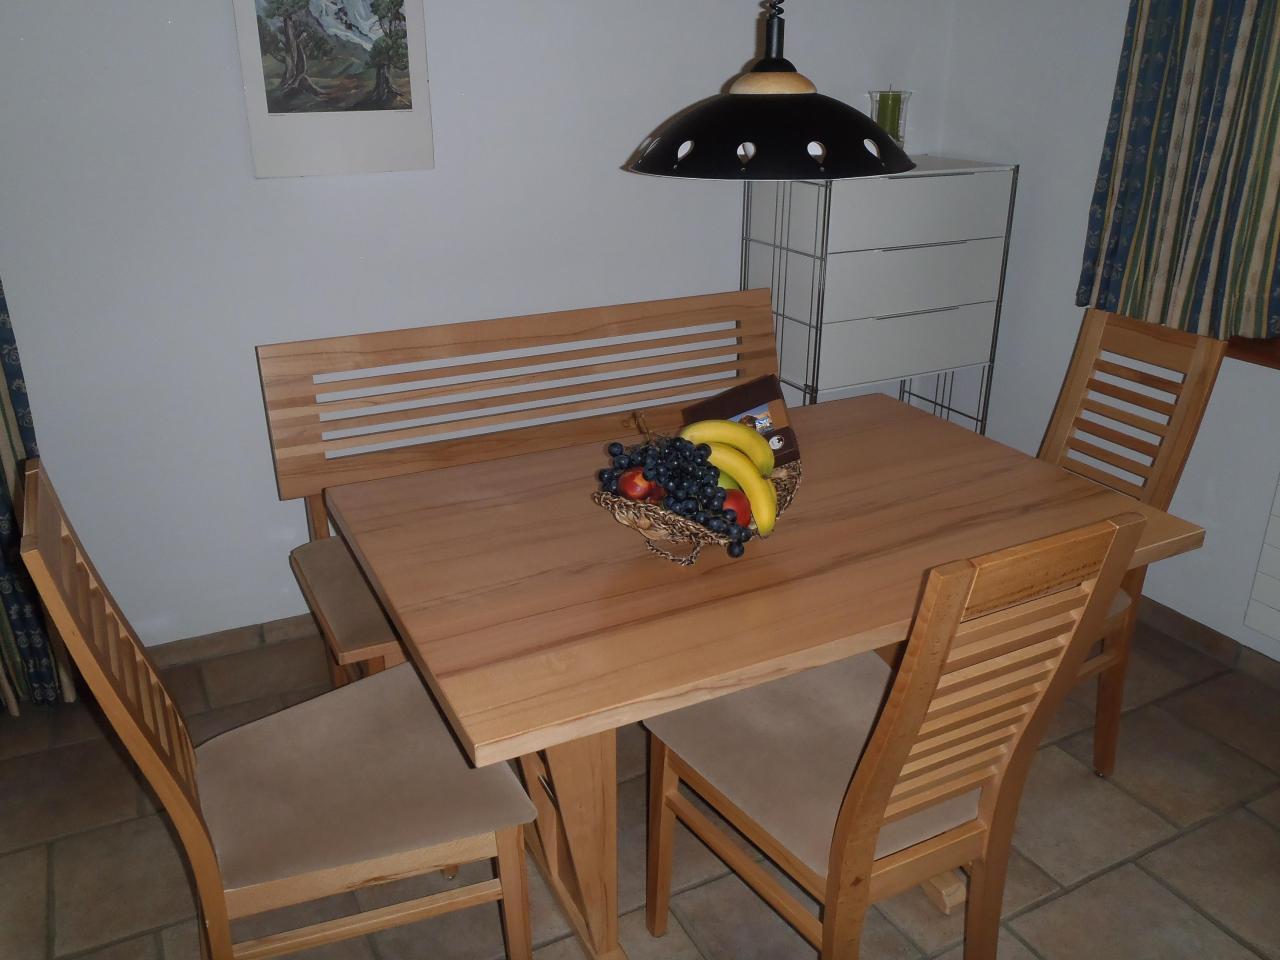 Appartement de vacances Asterix 2 Bett Wohnung (2691730), Grindelwald, Région de la Jungfrau, Oberland bernois, Suisse, image 13